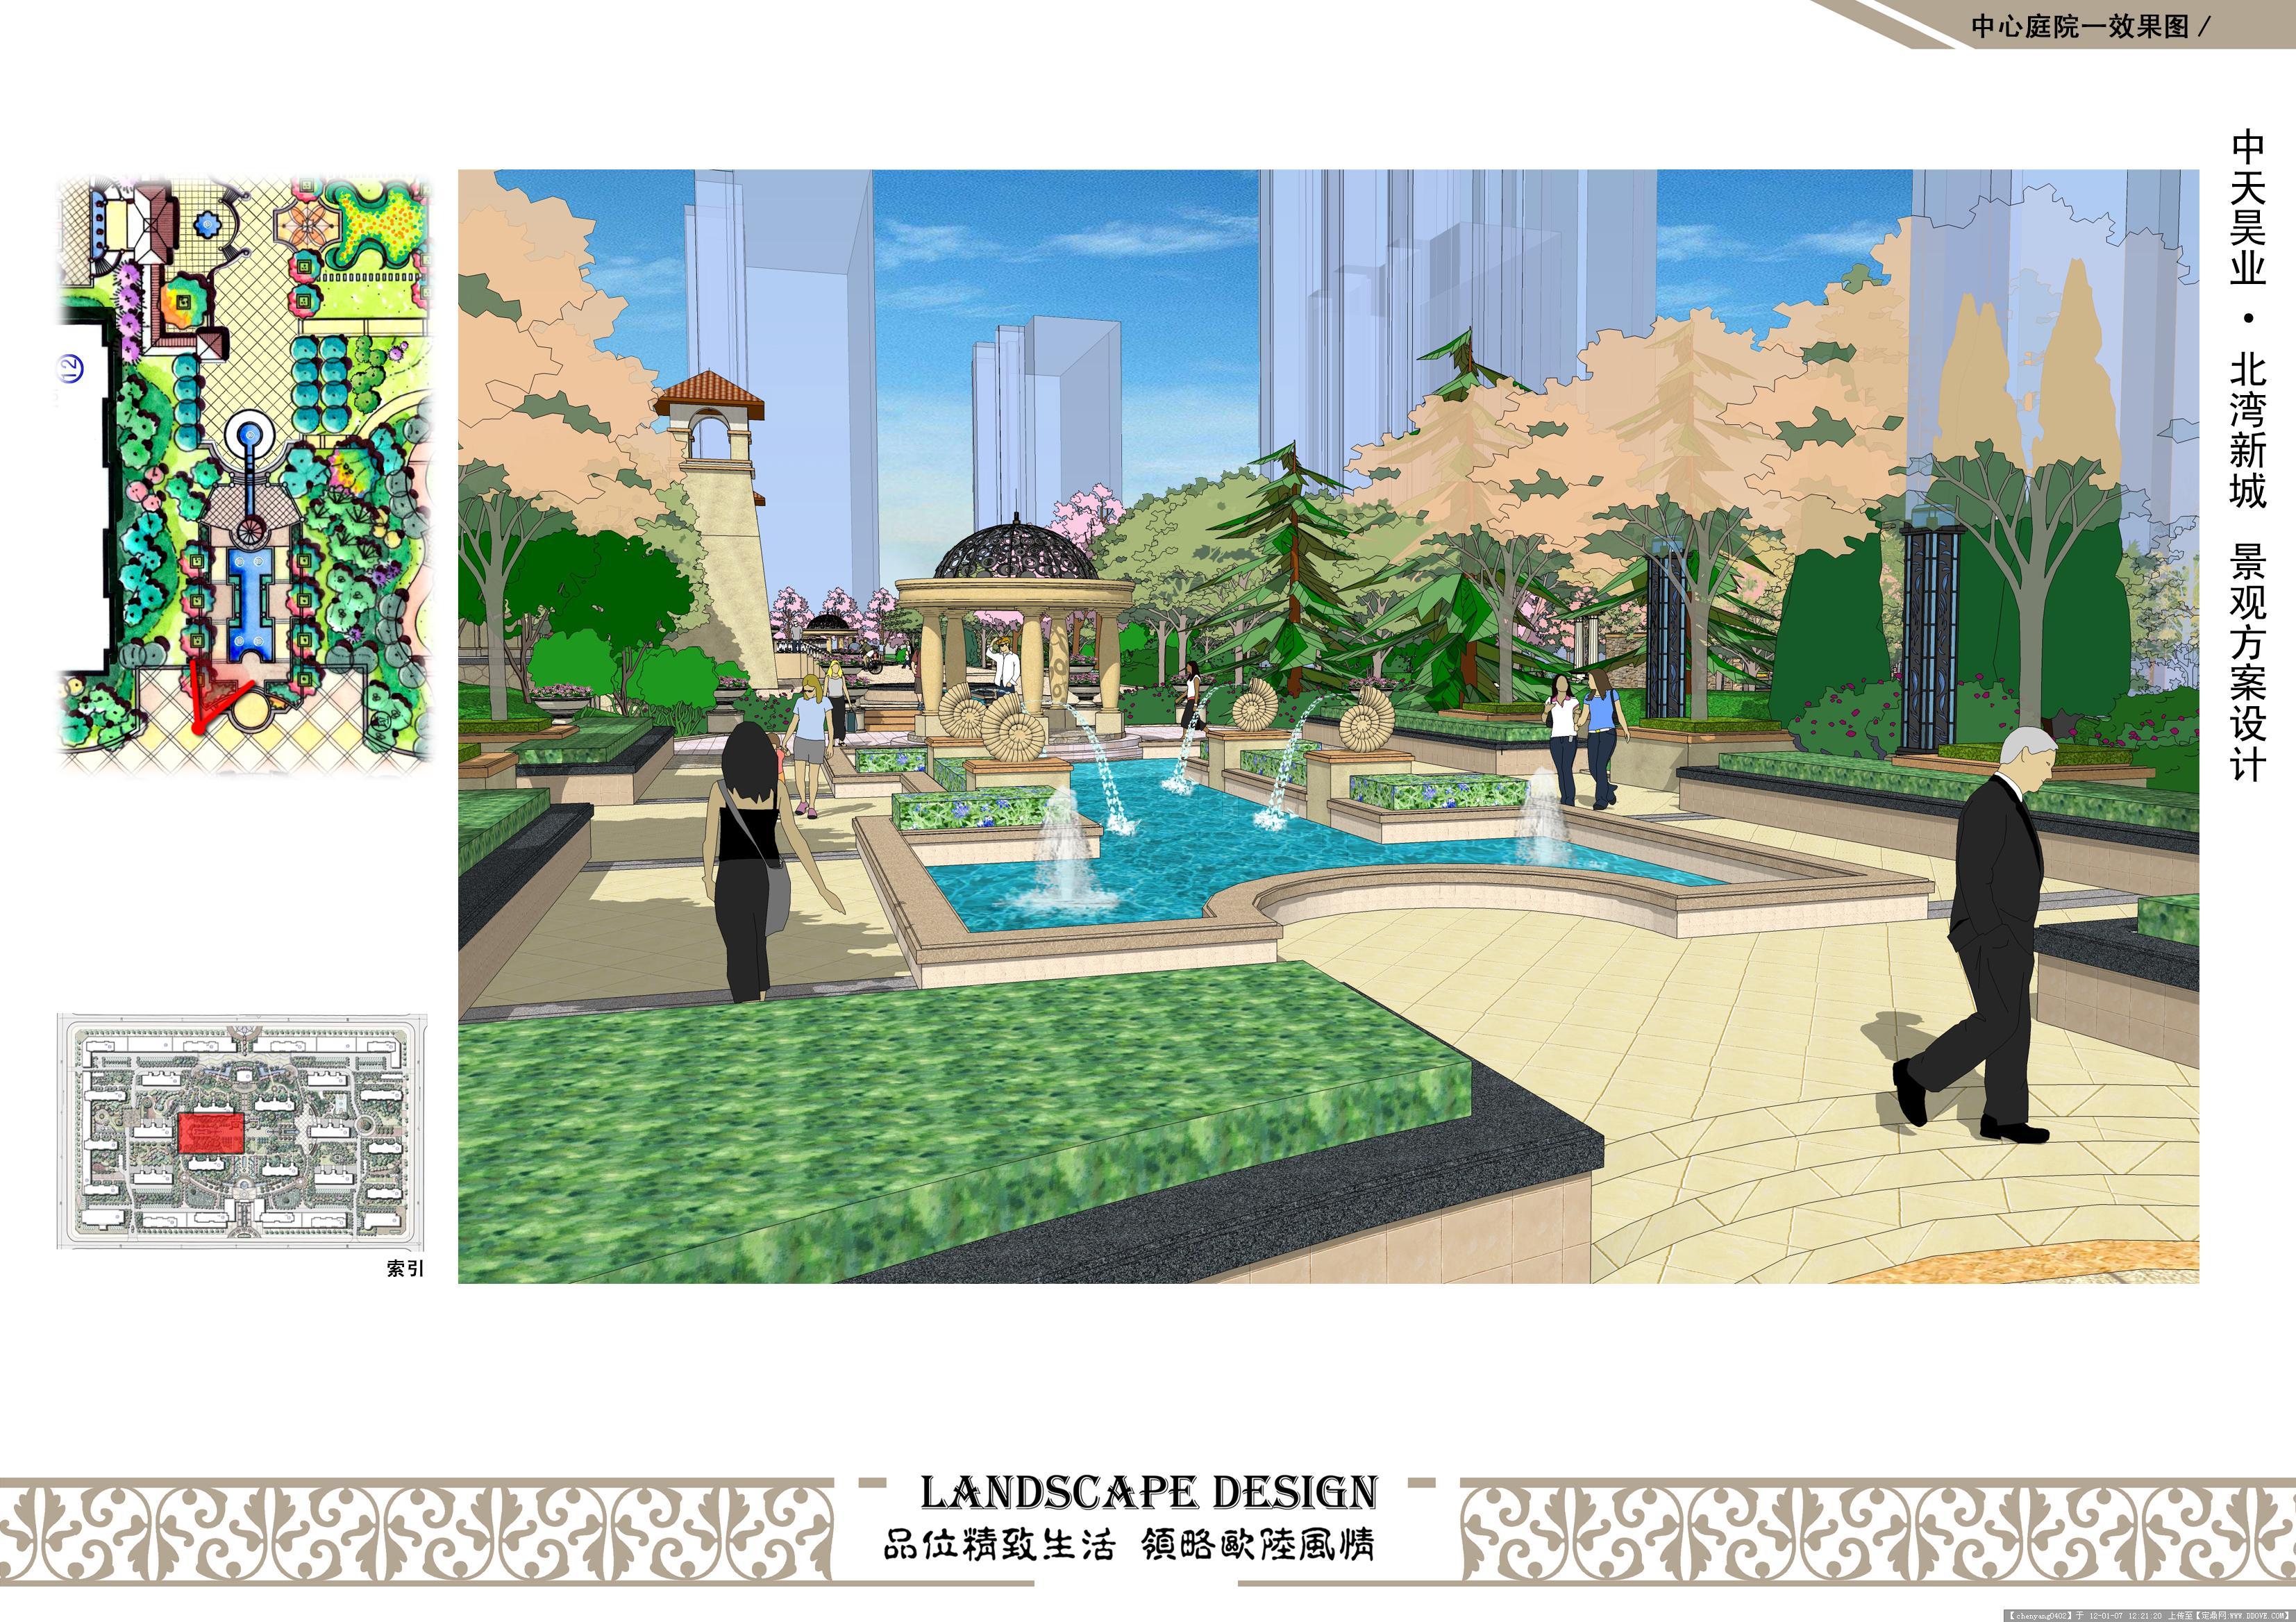 长春某小区景观设计效果图的图片浏览